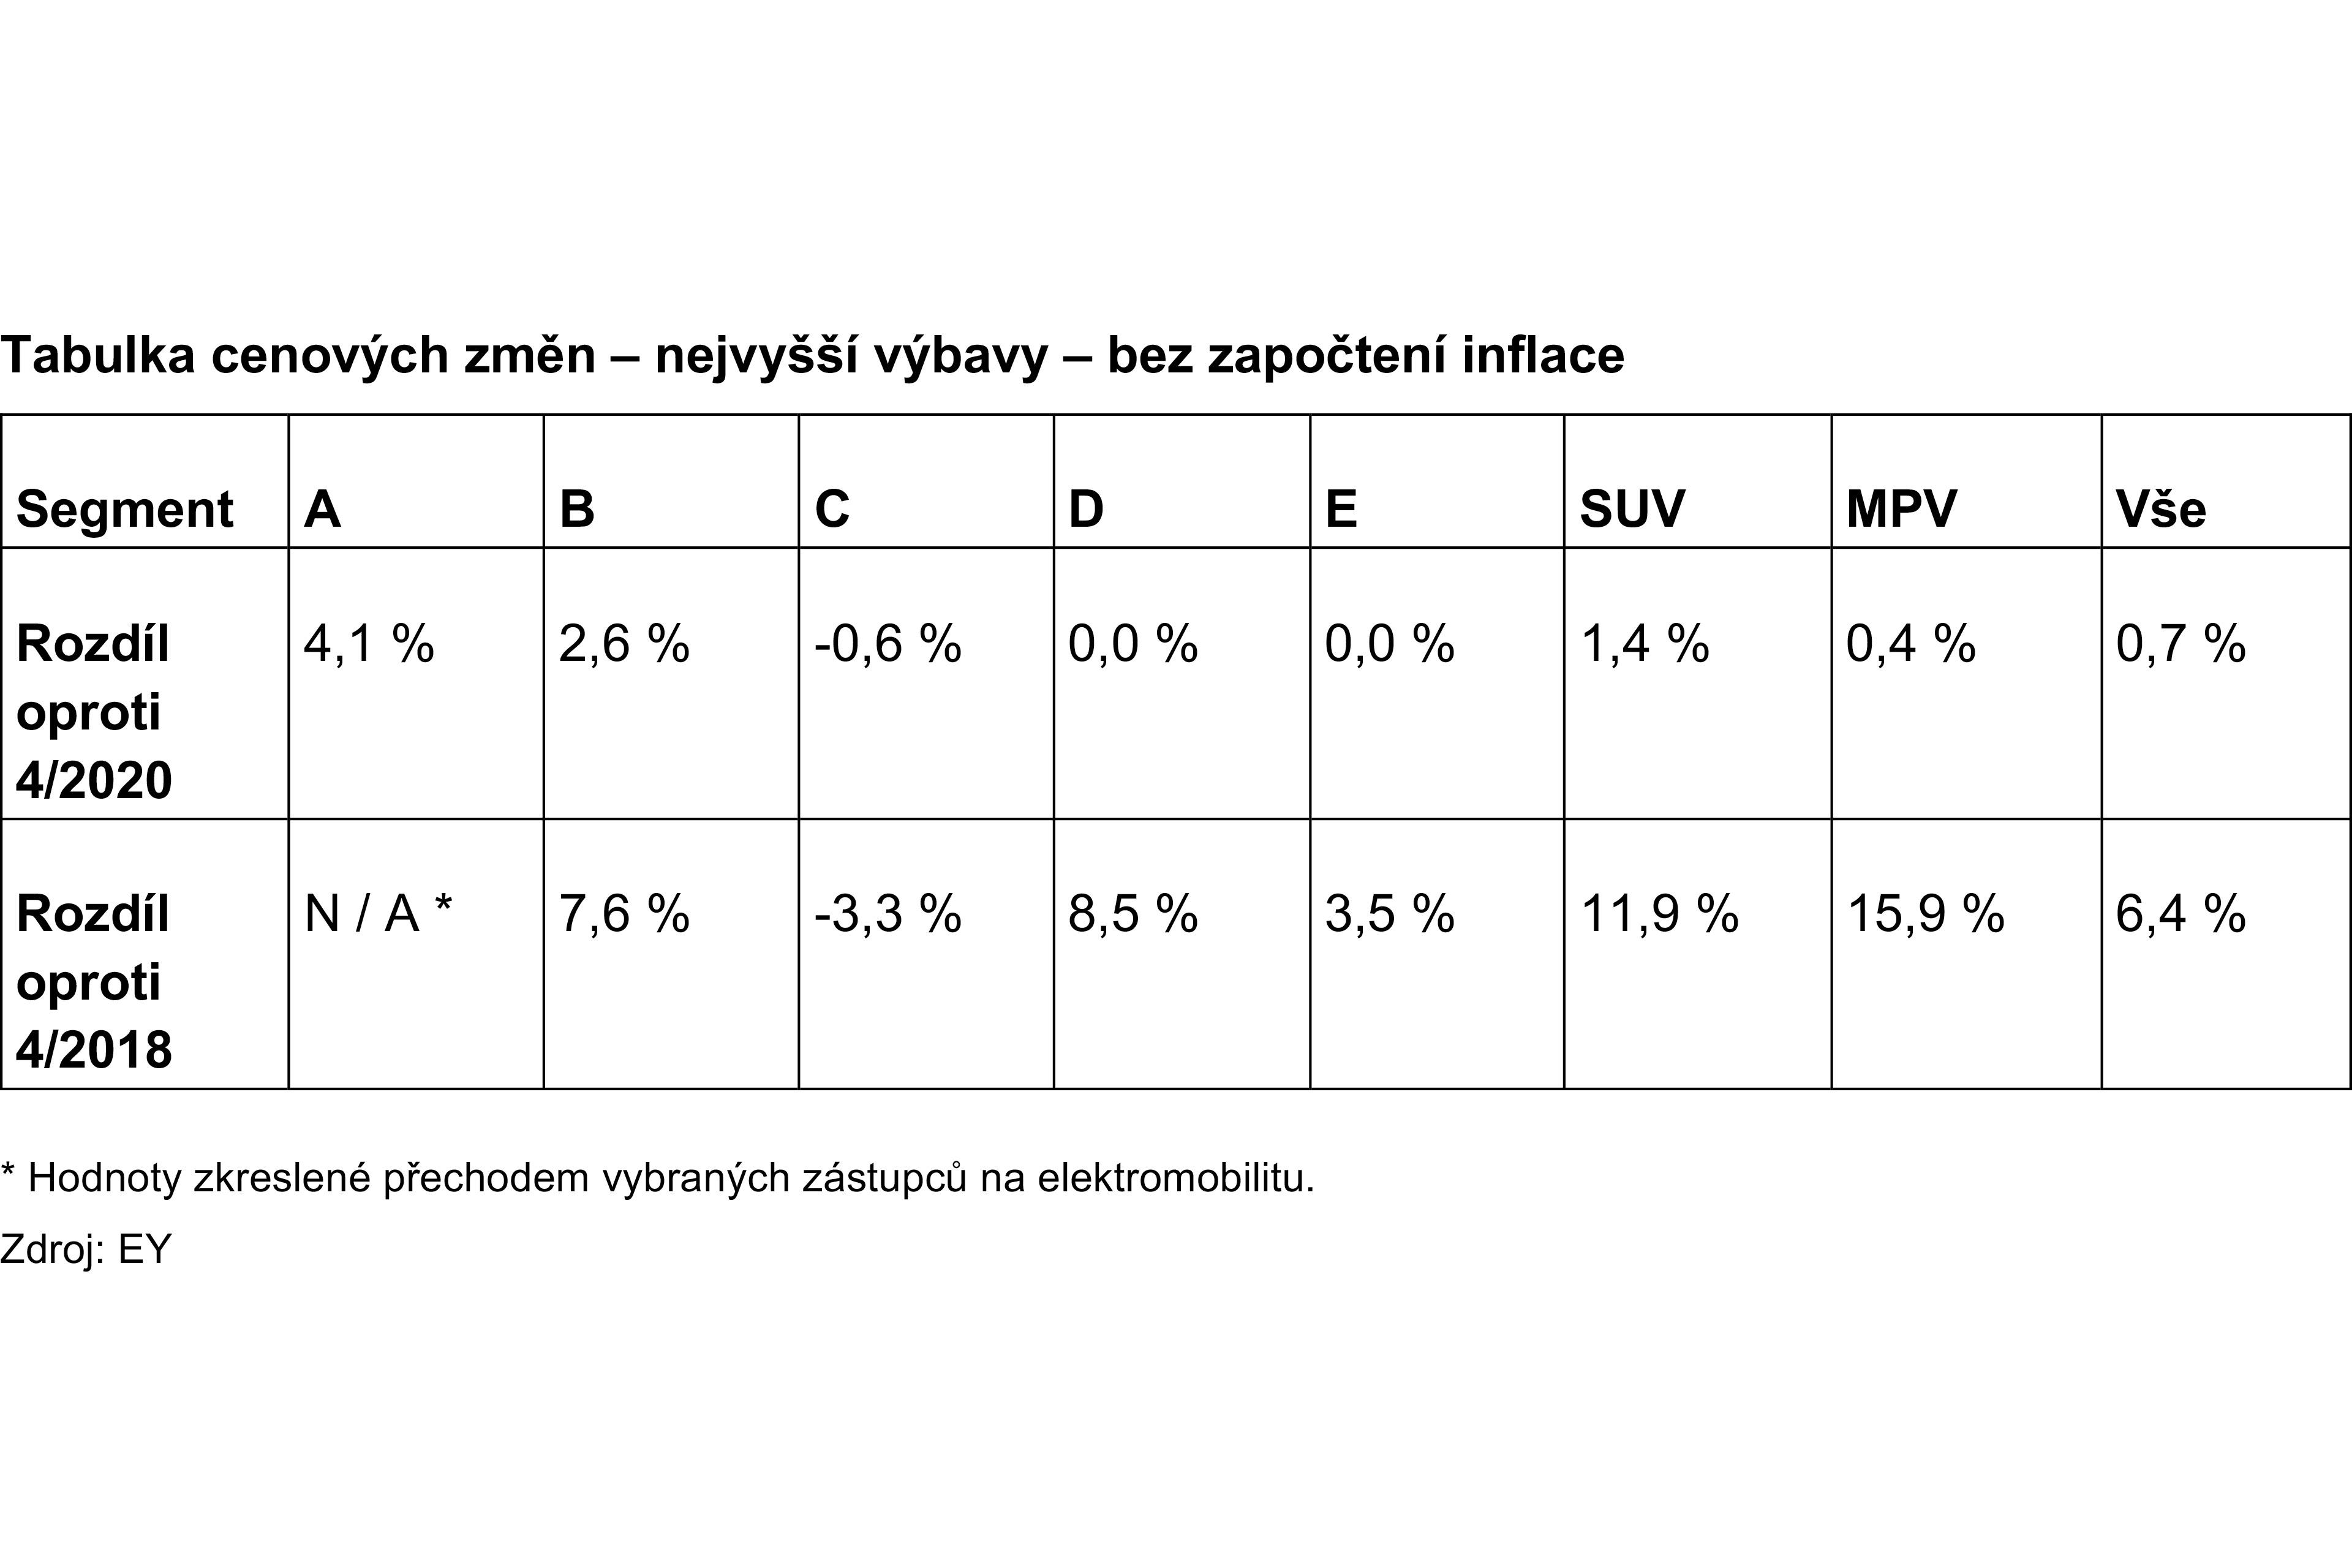 Table 2 - Cenový index EY: První náznaky vlivu Covid-19 na český automobilový trh